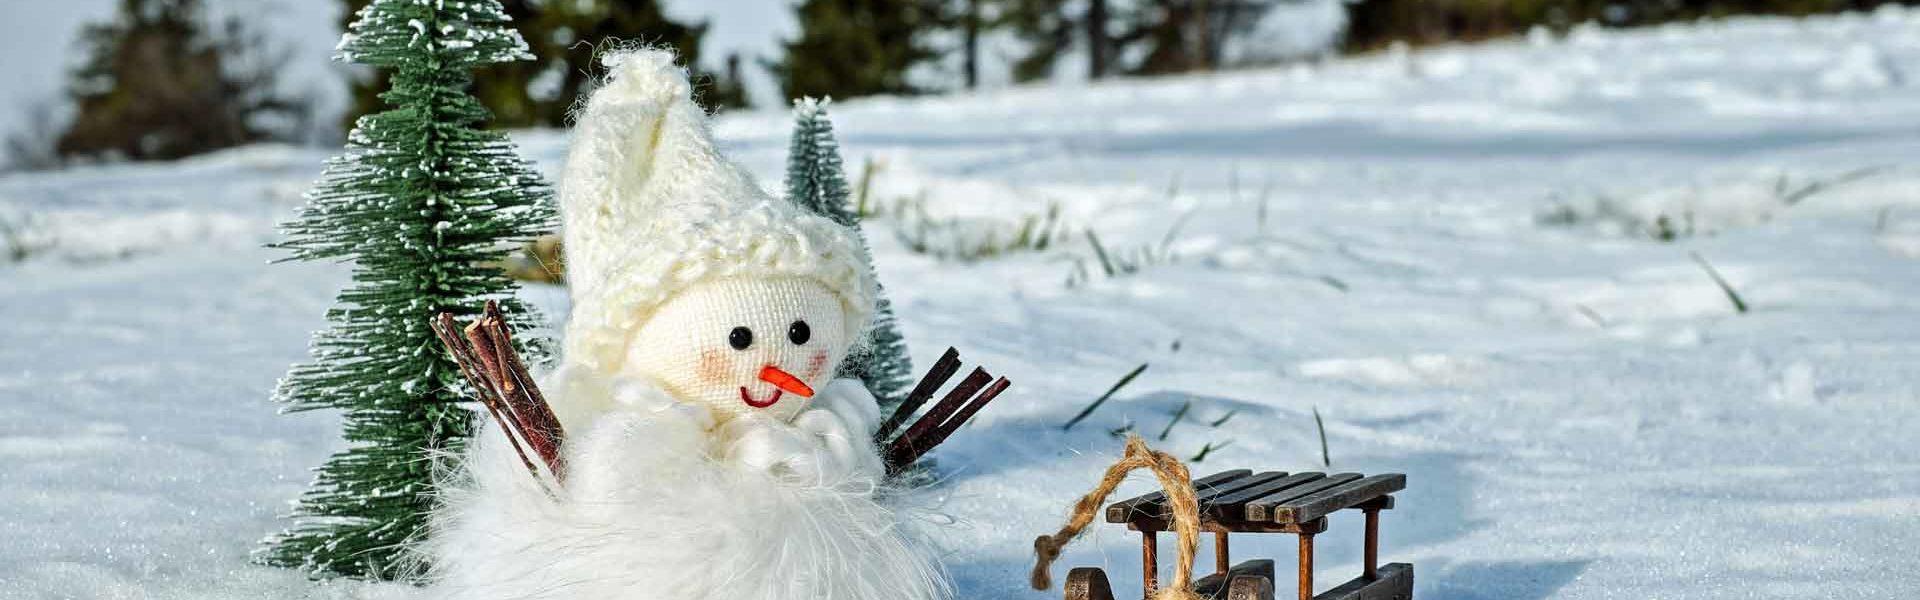 snow-man-2955780